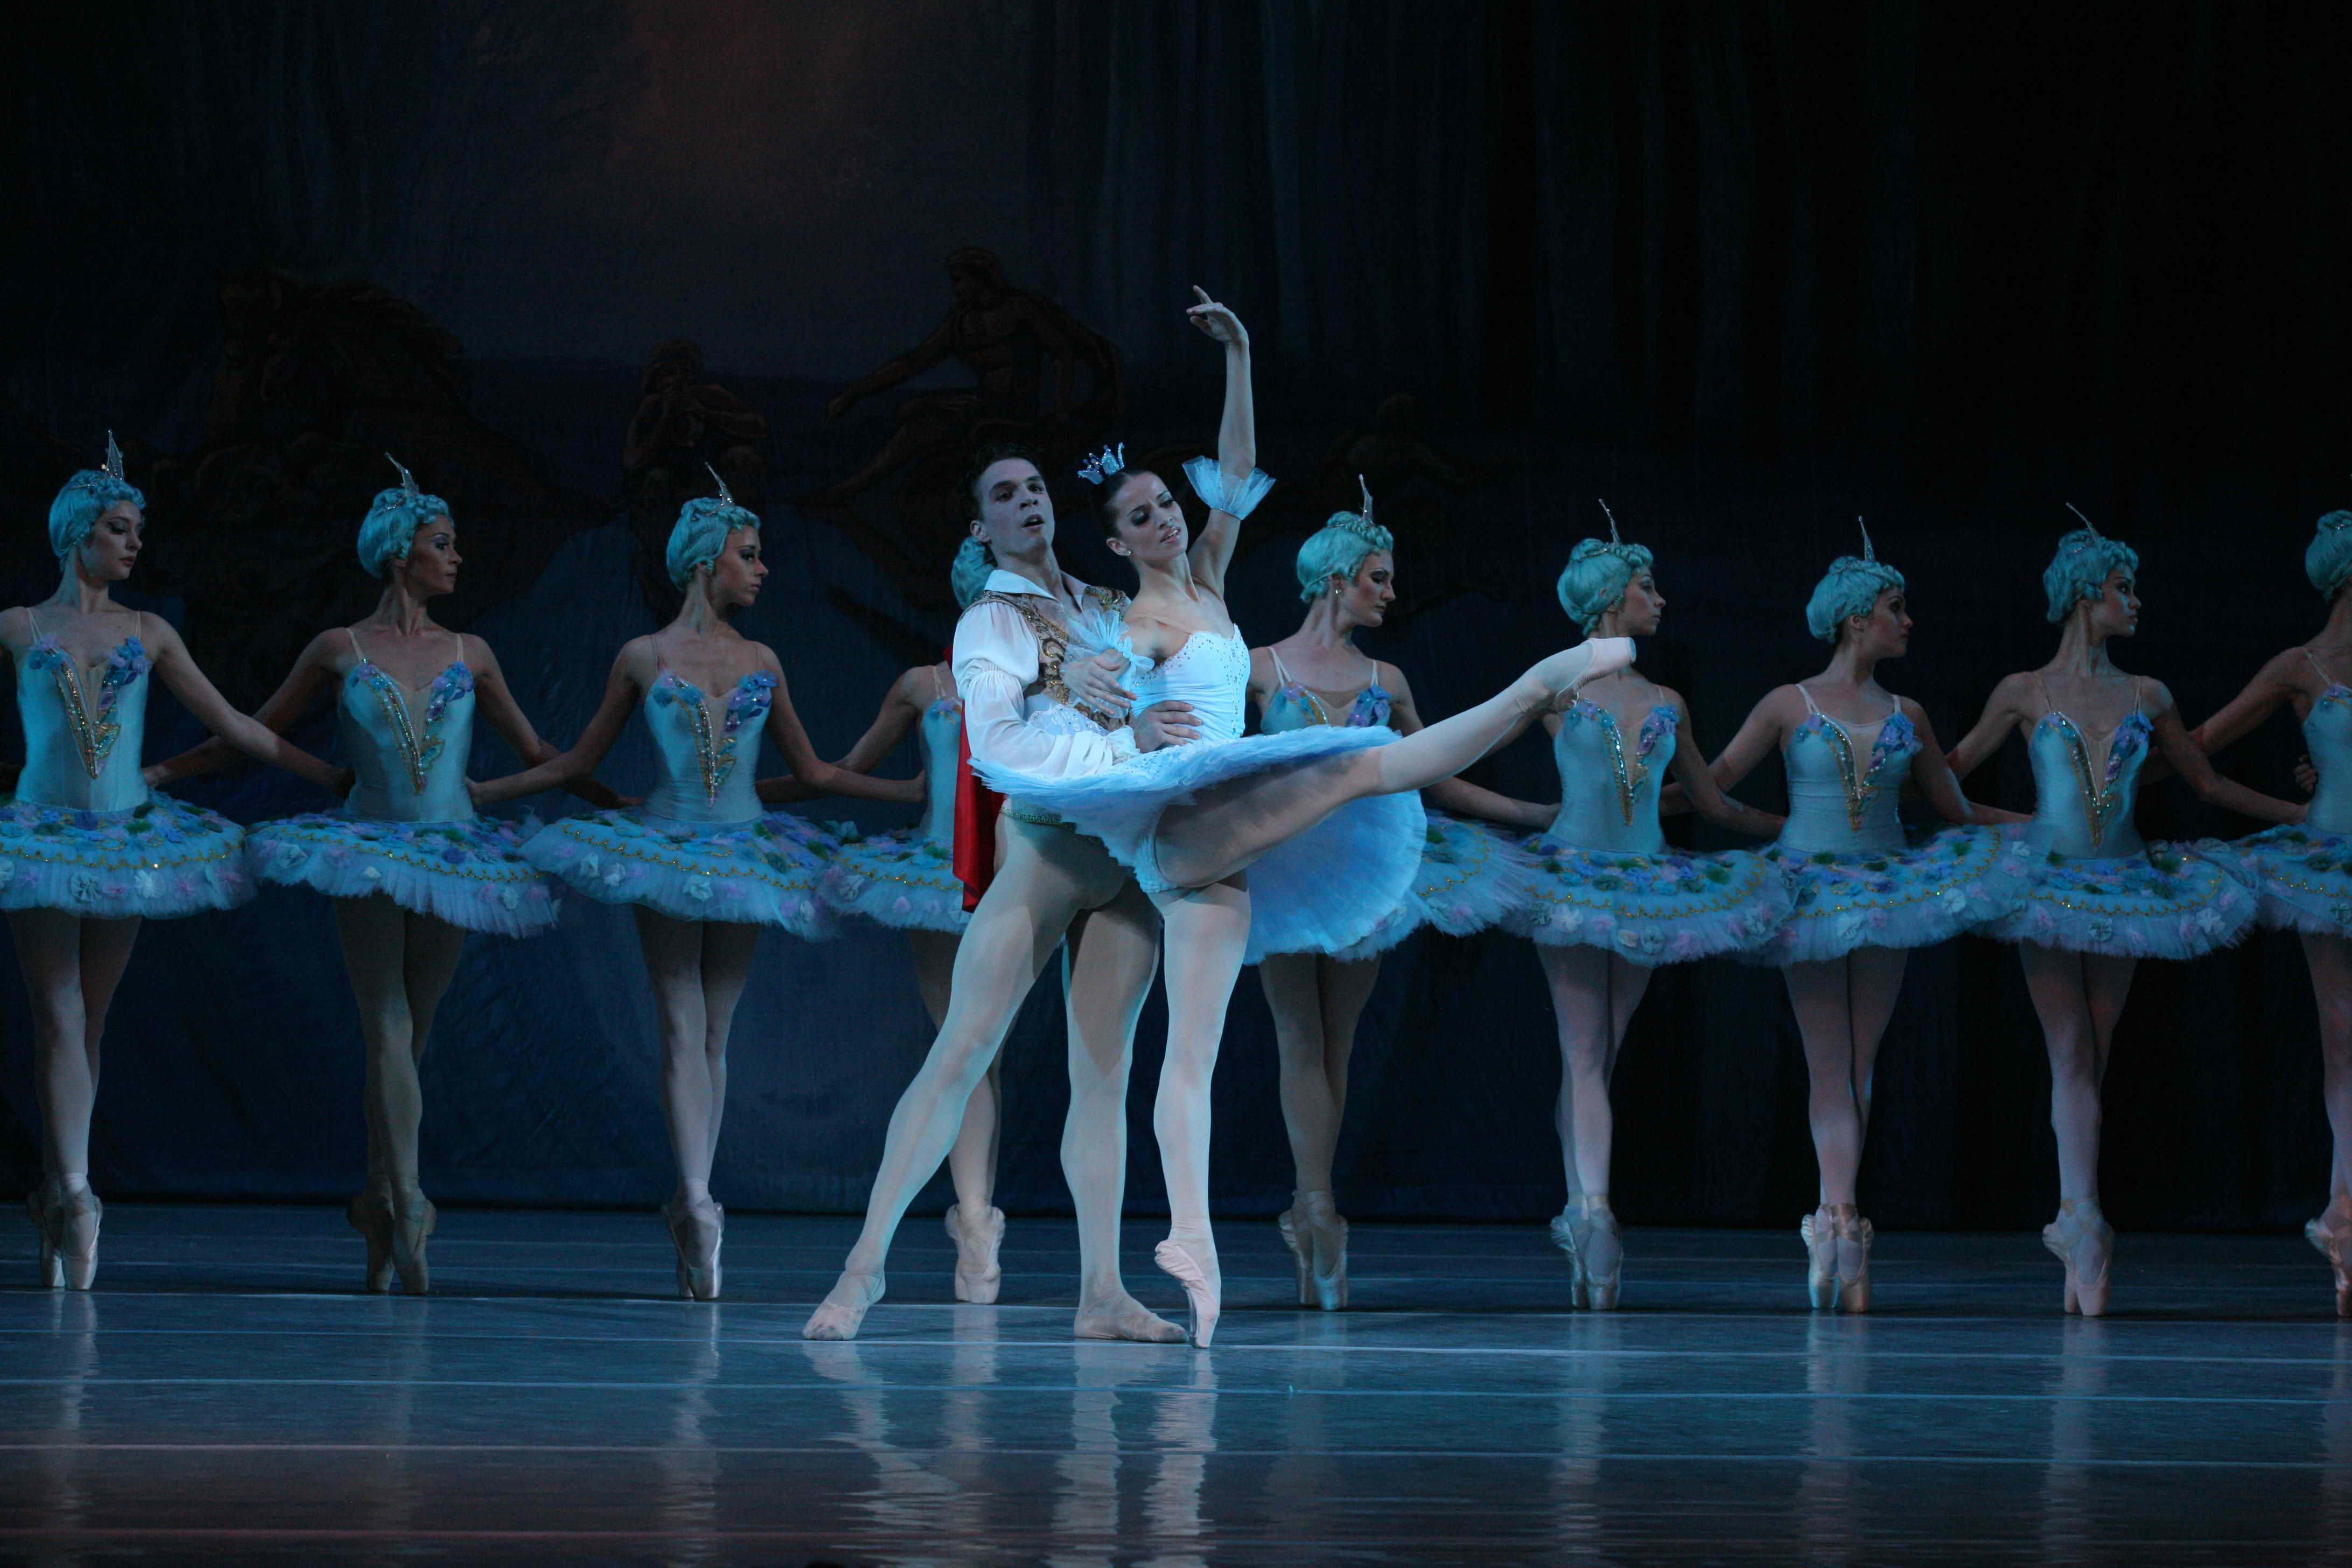 Ballet Belle Au Bois Dormant - La Belle au Bois Dormant Archive du Blog BALLET OPERA NATIONAL DE KIEV danse La Belle au